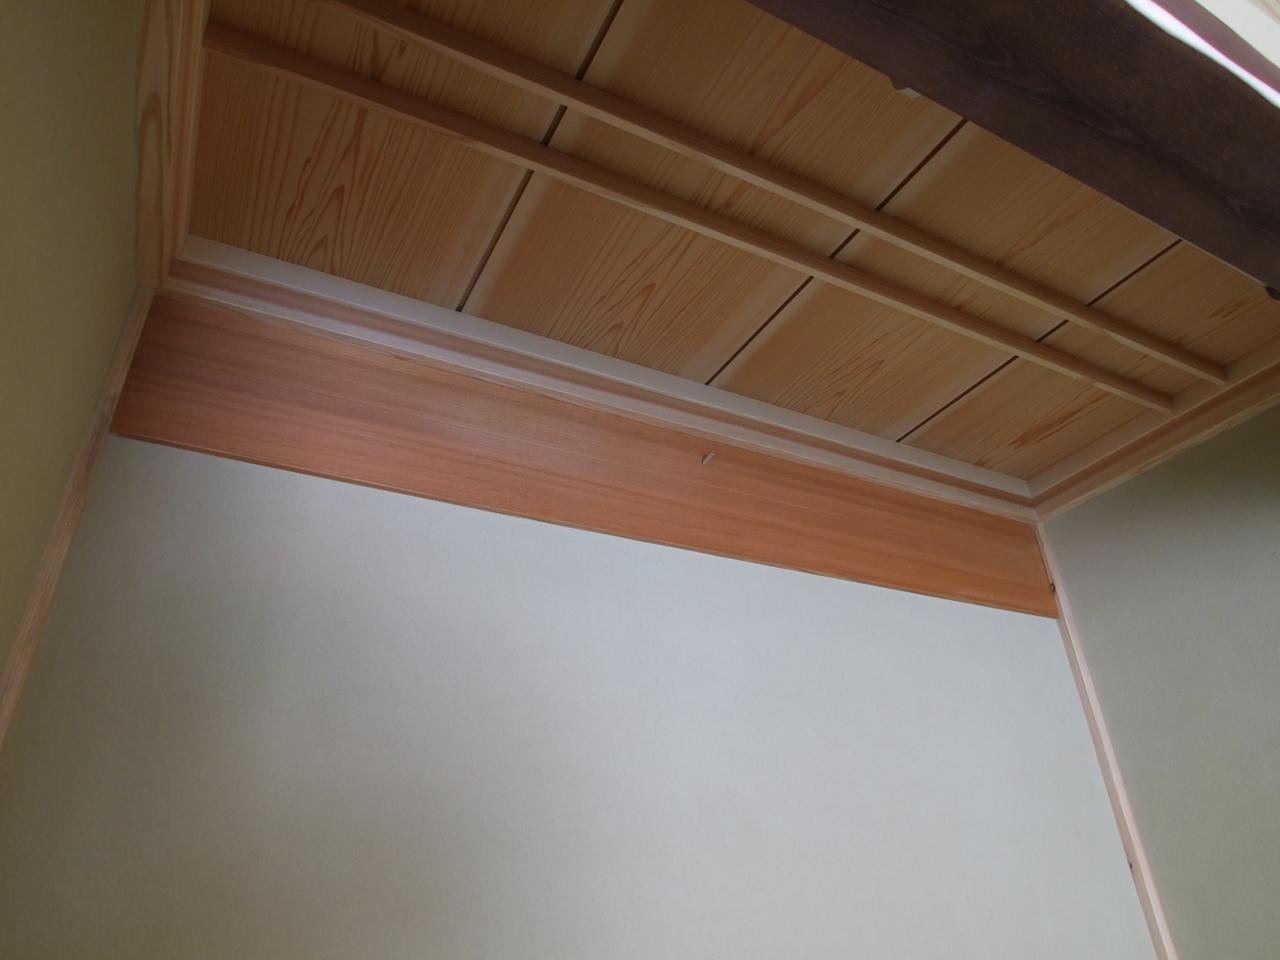 床の間に、ひと味【織部板】織部板(おりべいた)の使い方事例